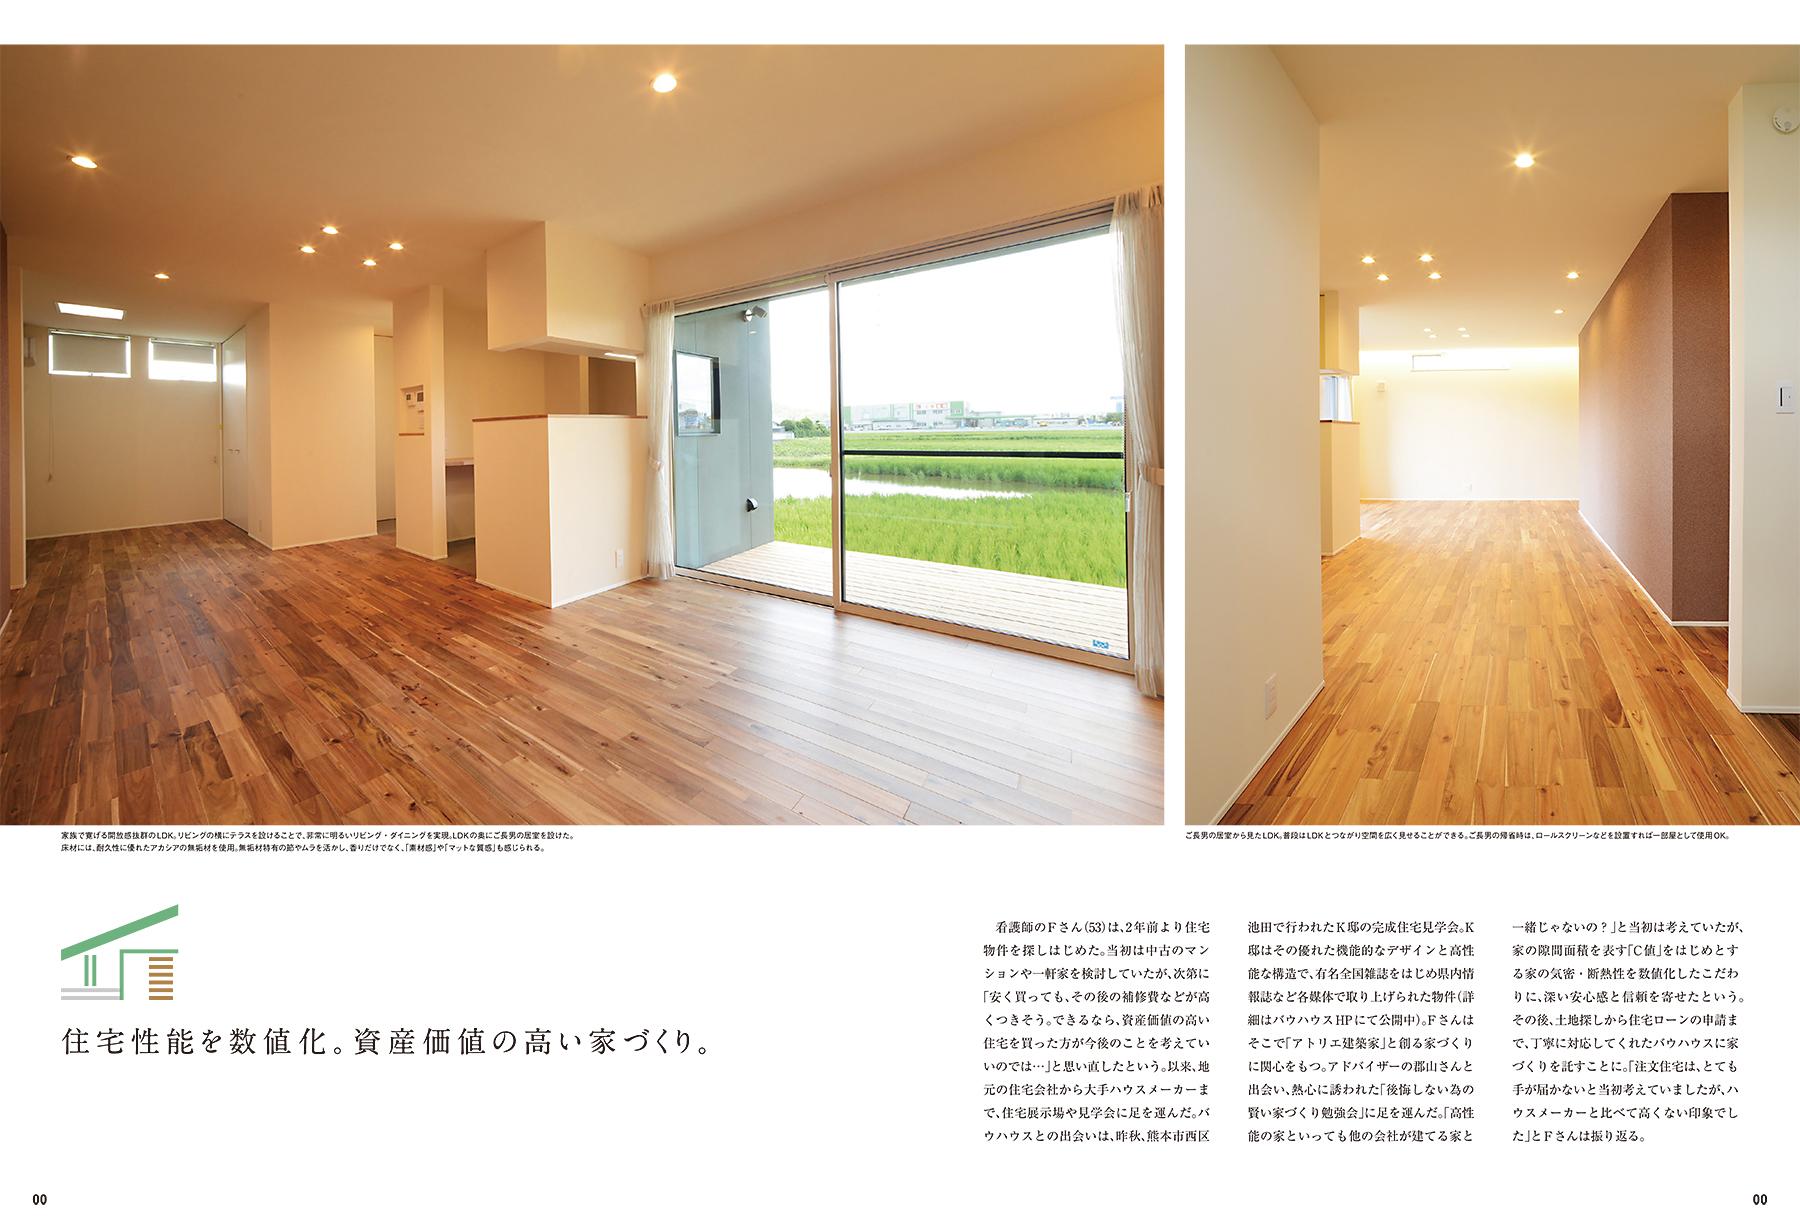 「住まいの提案、熊本。vol.13」3